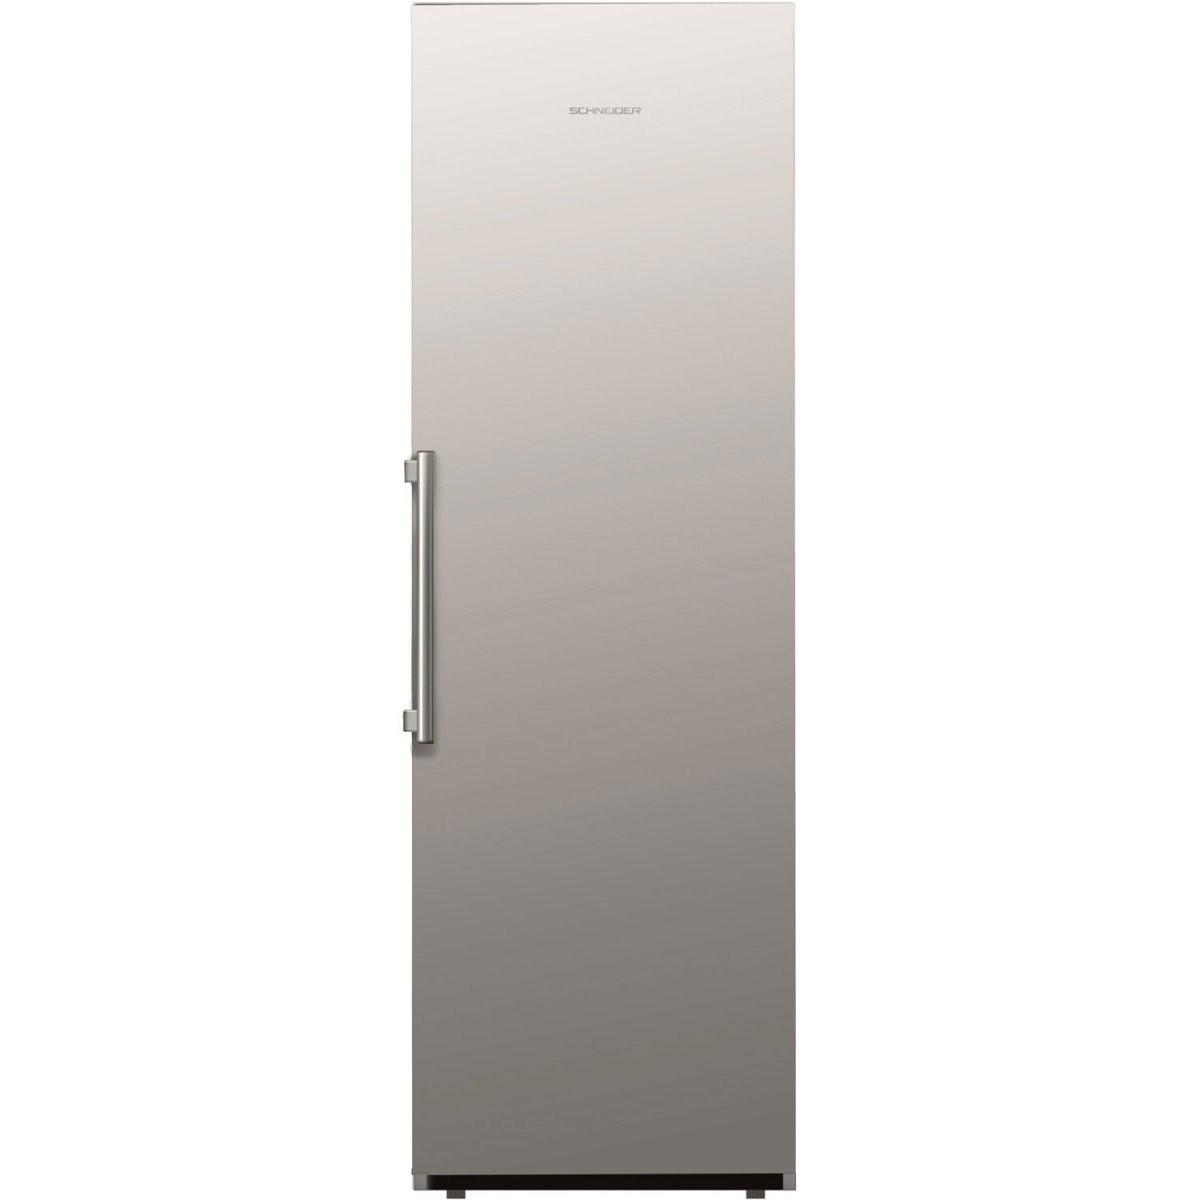 Kühlschränke – Standgeräte  Einbaukühlschränke von Kühlschrank Mit Gefrierfach Gebraucht Bild